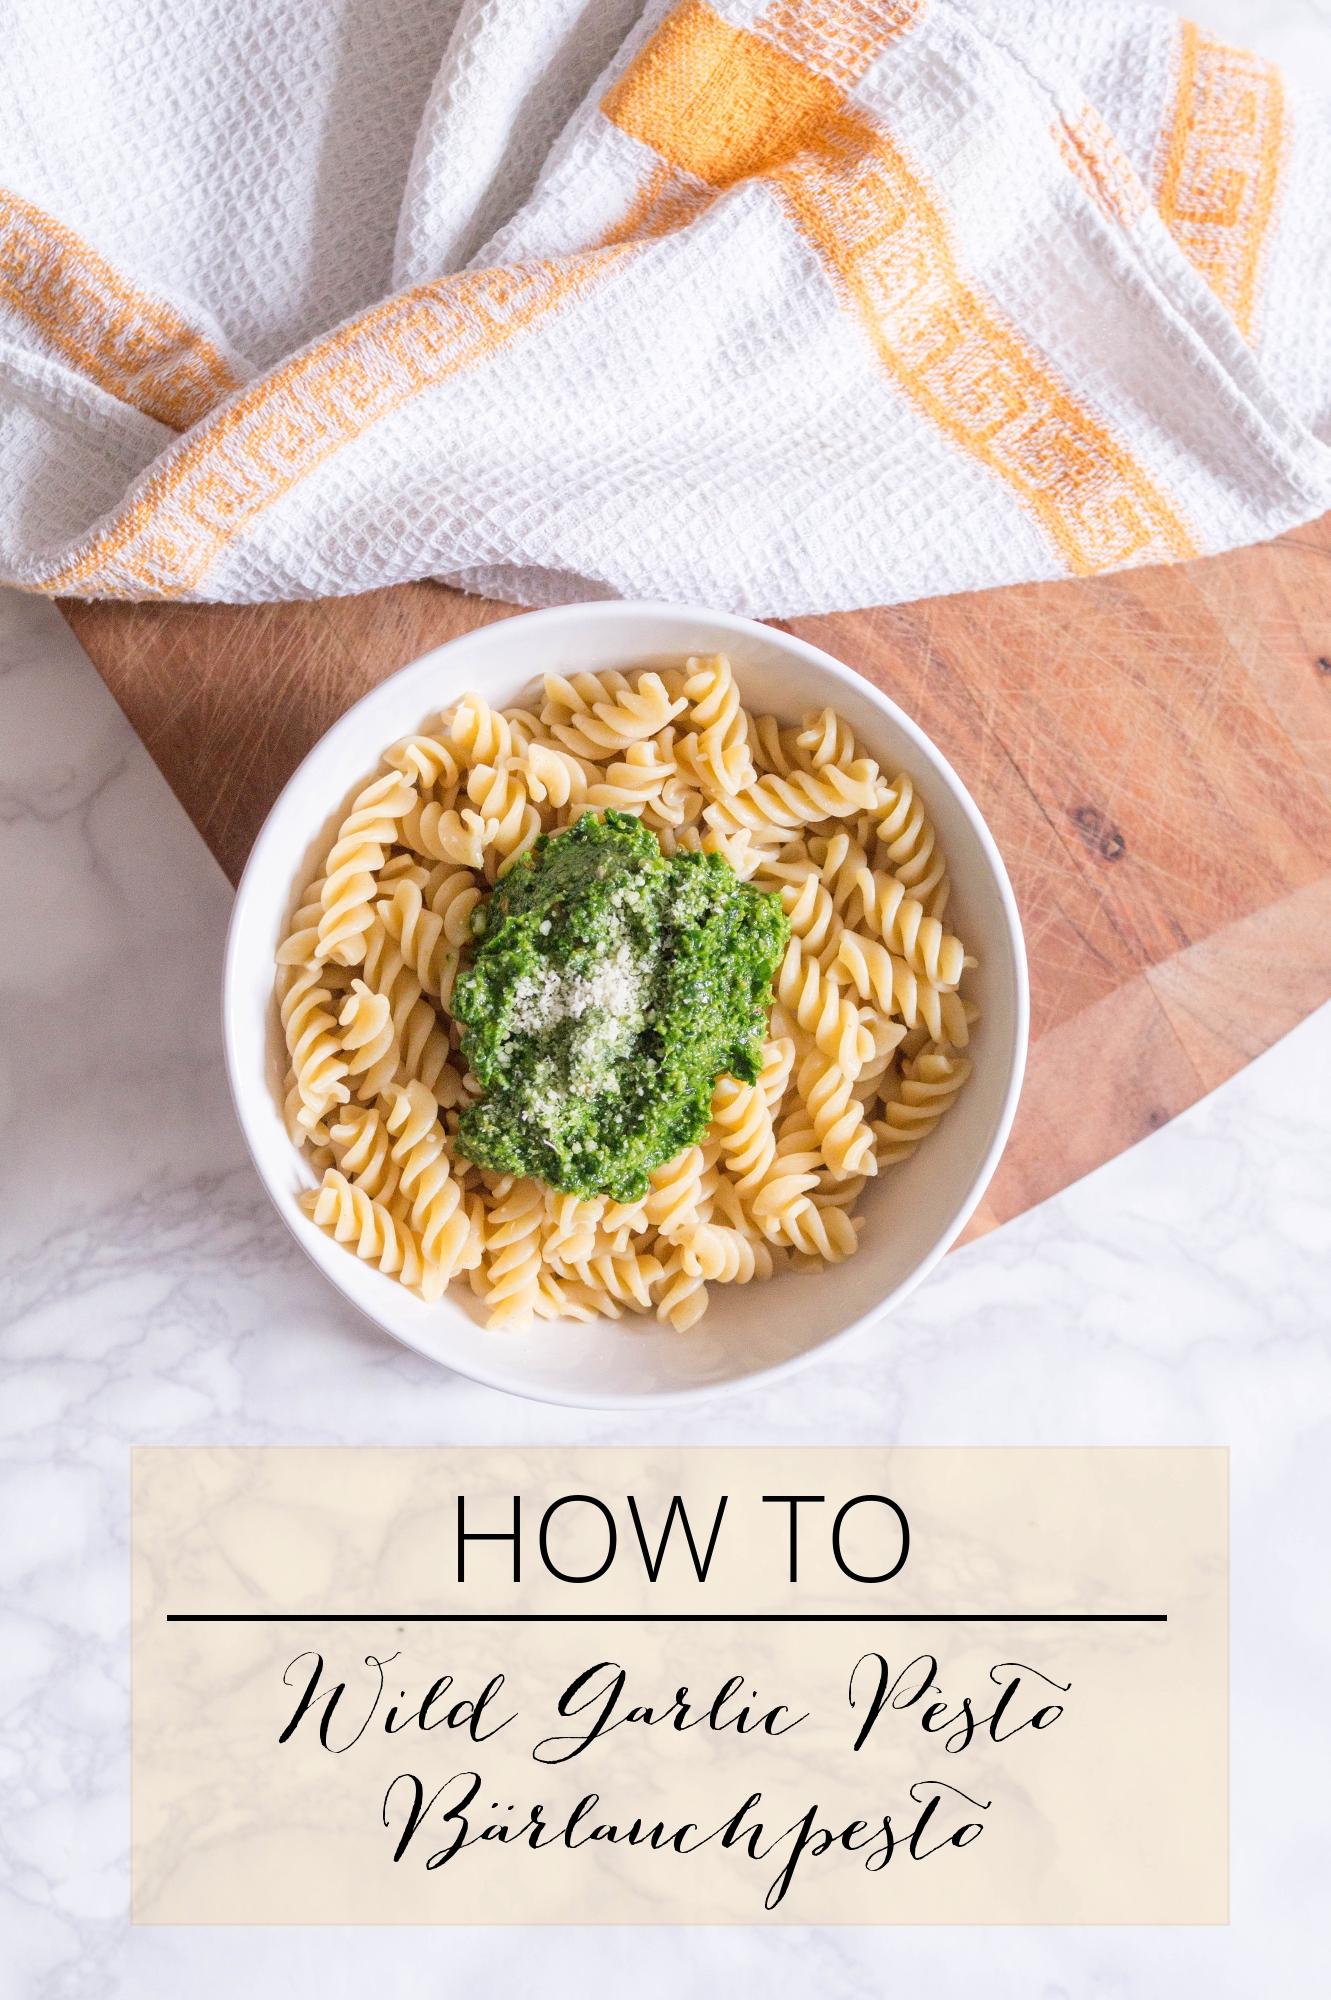 wild garlic pesto bärlauchpesto primetimechaos flatlay vegetarian food pasta ramson bärlauch